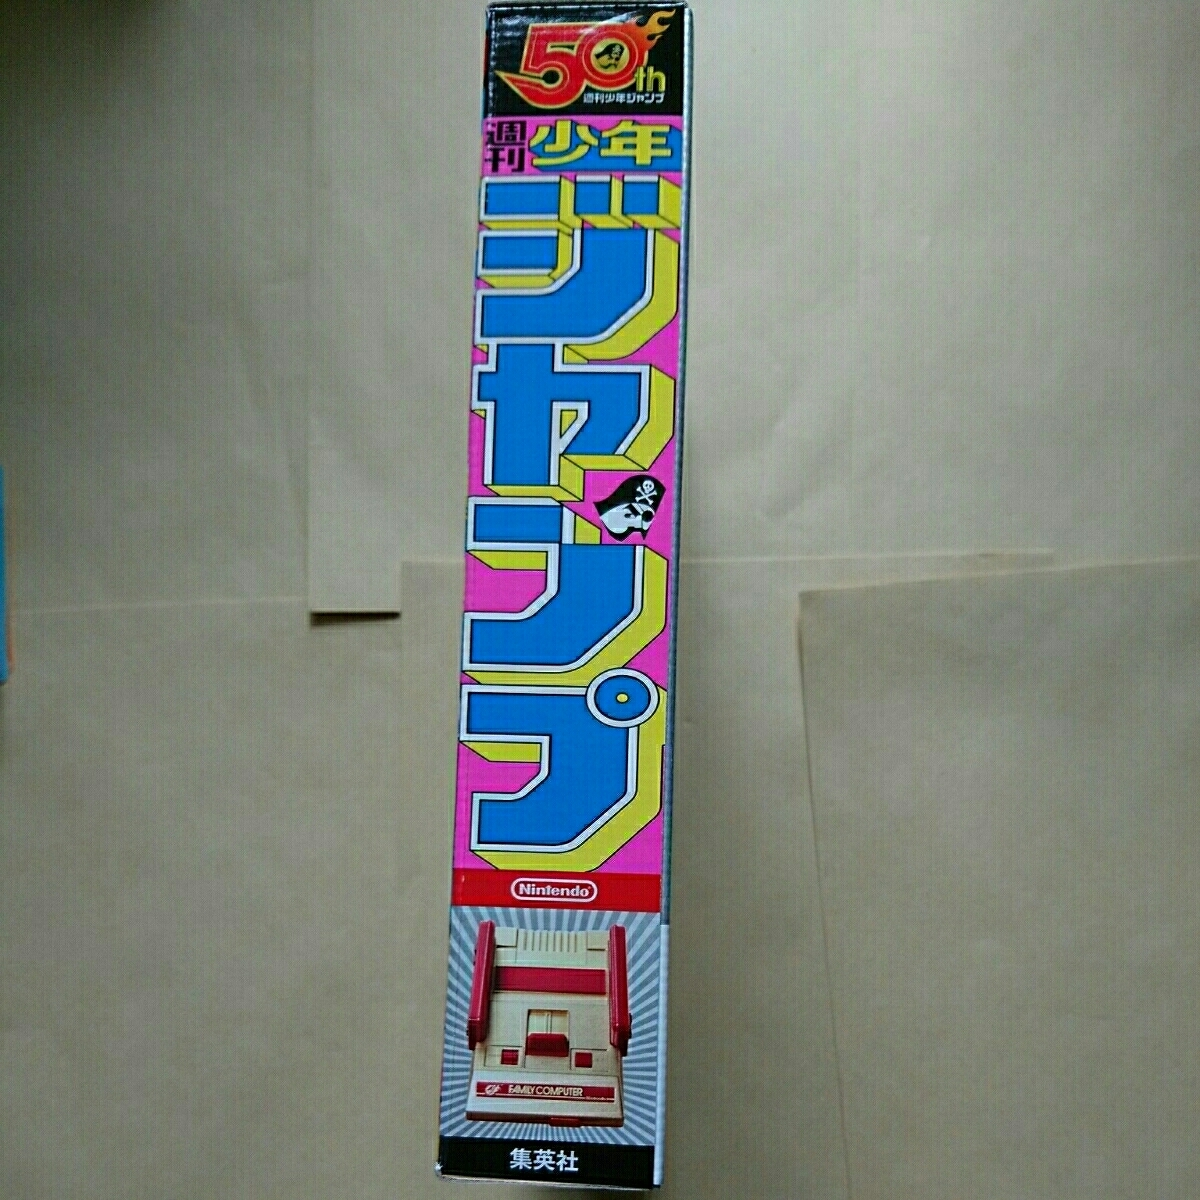 【新品】ニンテンドークラシックミニ ファミリーコンピュータ 週刊少年ジャンプ創刊50周年記念バージョン